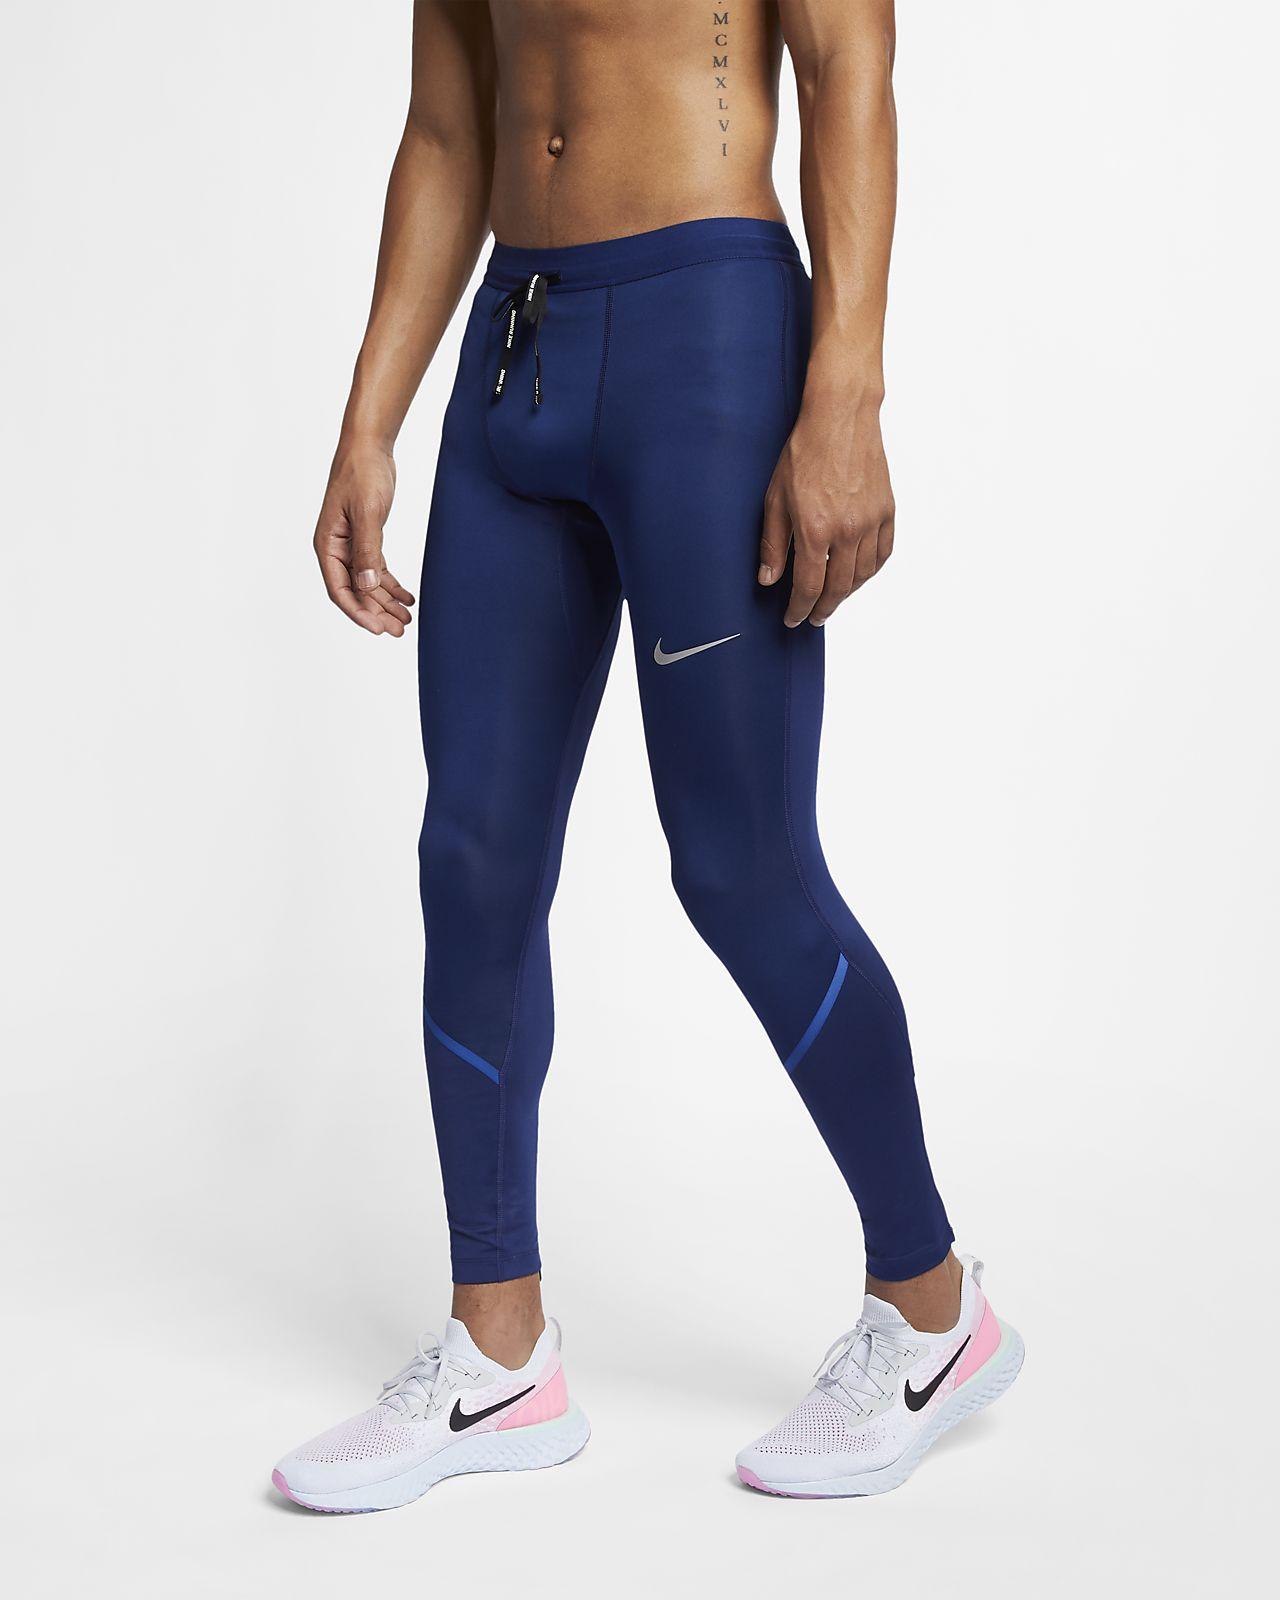 Löpartights Nike Power Tech för män